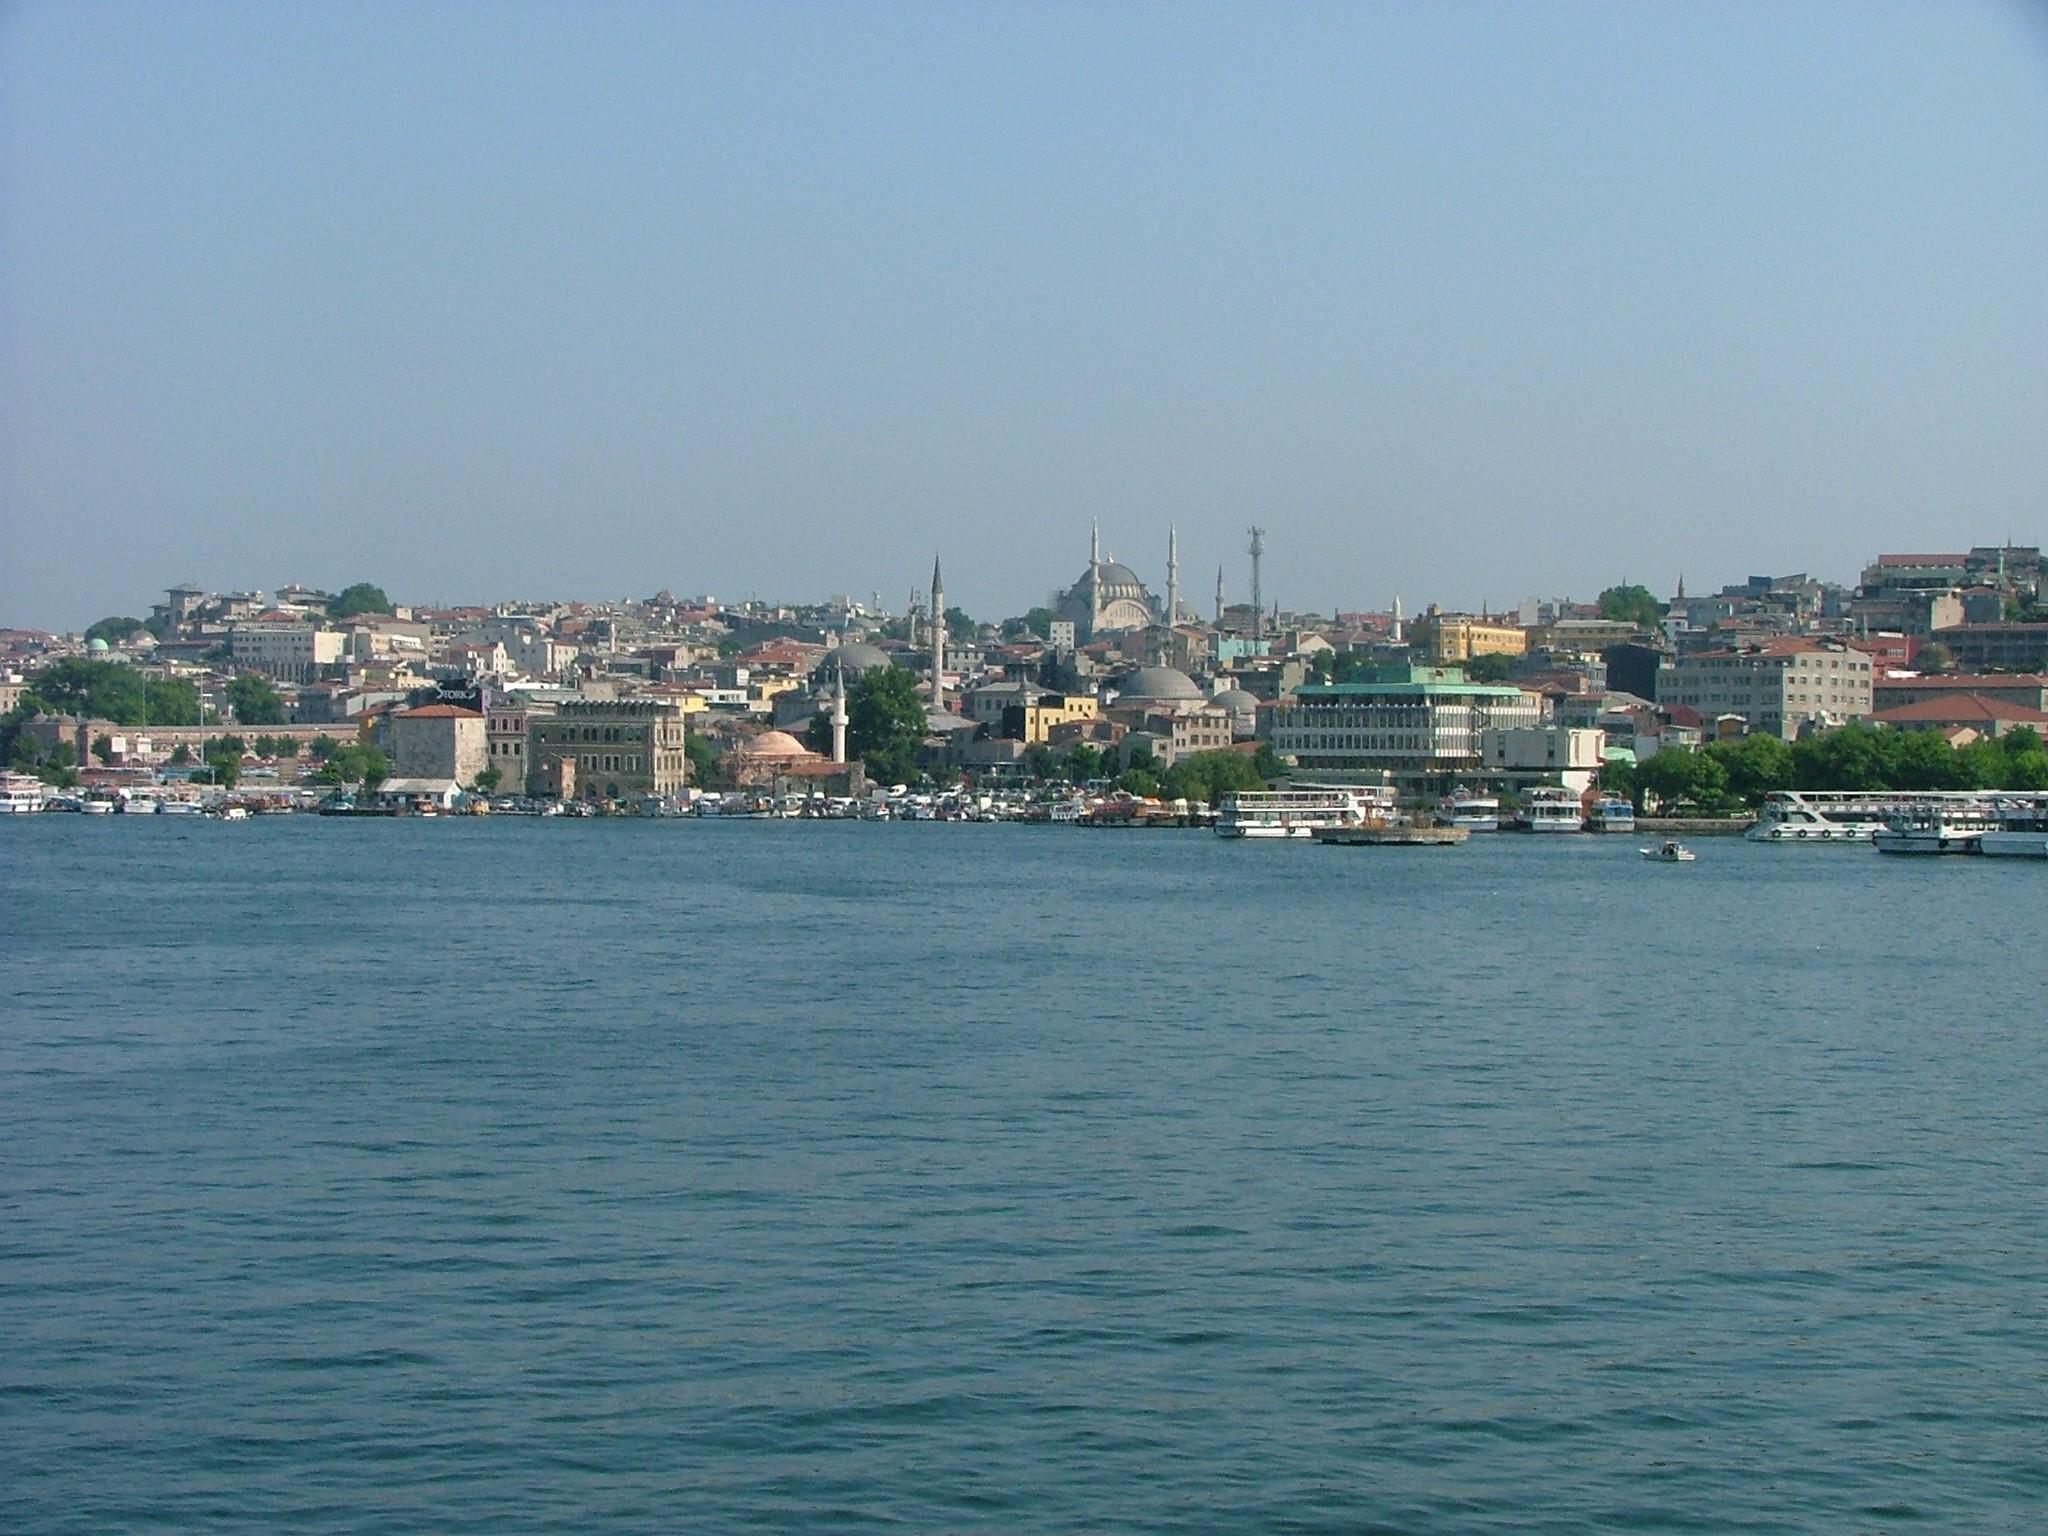 DÖNÜŞEN HALİÇ... Tarihi Yarımada ile Beyoğlu yakasını birbirinden ayıran Haliç, 8 kilometrelik doğal ve güvenli bir liman olarak tarih boyunca birçok farklı kültüre ev sahipliği yaptı. Bizans'ın sarayları, surları, kiliseleri; Osmanlı'nın köşkleri, camileri ve hamamlarının yanı sıra, birçok ulus ve inançtan insanın barındığı tarihi evler, aynı zamanda Altın Boynuz olarak adlandırılan Haliç'in kıyılarını süslüyor. Yıllarca endüstriyel atıklarla kirlenen ve ihmal edilen Haliç'te 1980'lerden beri sürdürülen çalışmalar sonucunda, dört binden fazla yapı istimlak edilip, iş yerleri şehir dışındaki yeni merkezlere nakledildi, kıyılar park ve bahçeler ile çevrildi, ilk defa inşa edilen dev kanal sistemleri ve kolektörler ile sular temizlendi. Böylece Haliç hak ettiği değere kavuşarak tekrar İstanbulluların gözde kültür ve turizm bölgesi haline geldi. Özellikle son yıllarda gerçekleştirilen kentsel dönüşüm ve restorasyon projeleriyle gündemden düşmeyerek, mimarlık camiasının dikkatini üzerine çeken Haliç kıyılarında sürdürülen çalışmaları bir araya topladık.